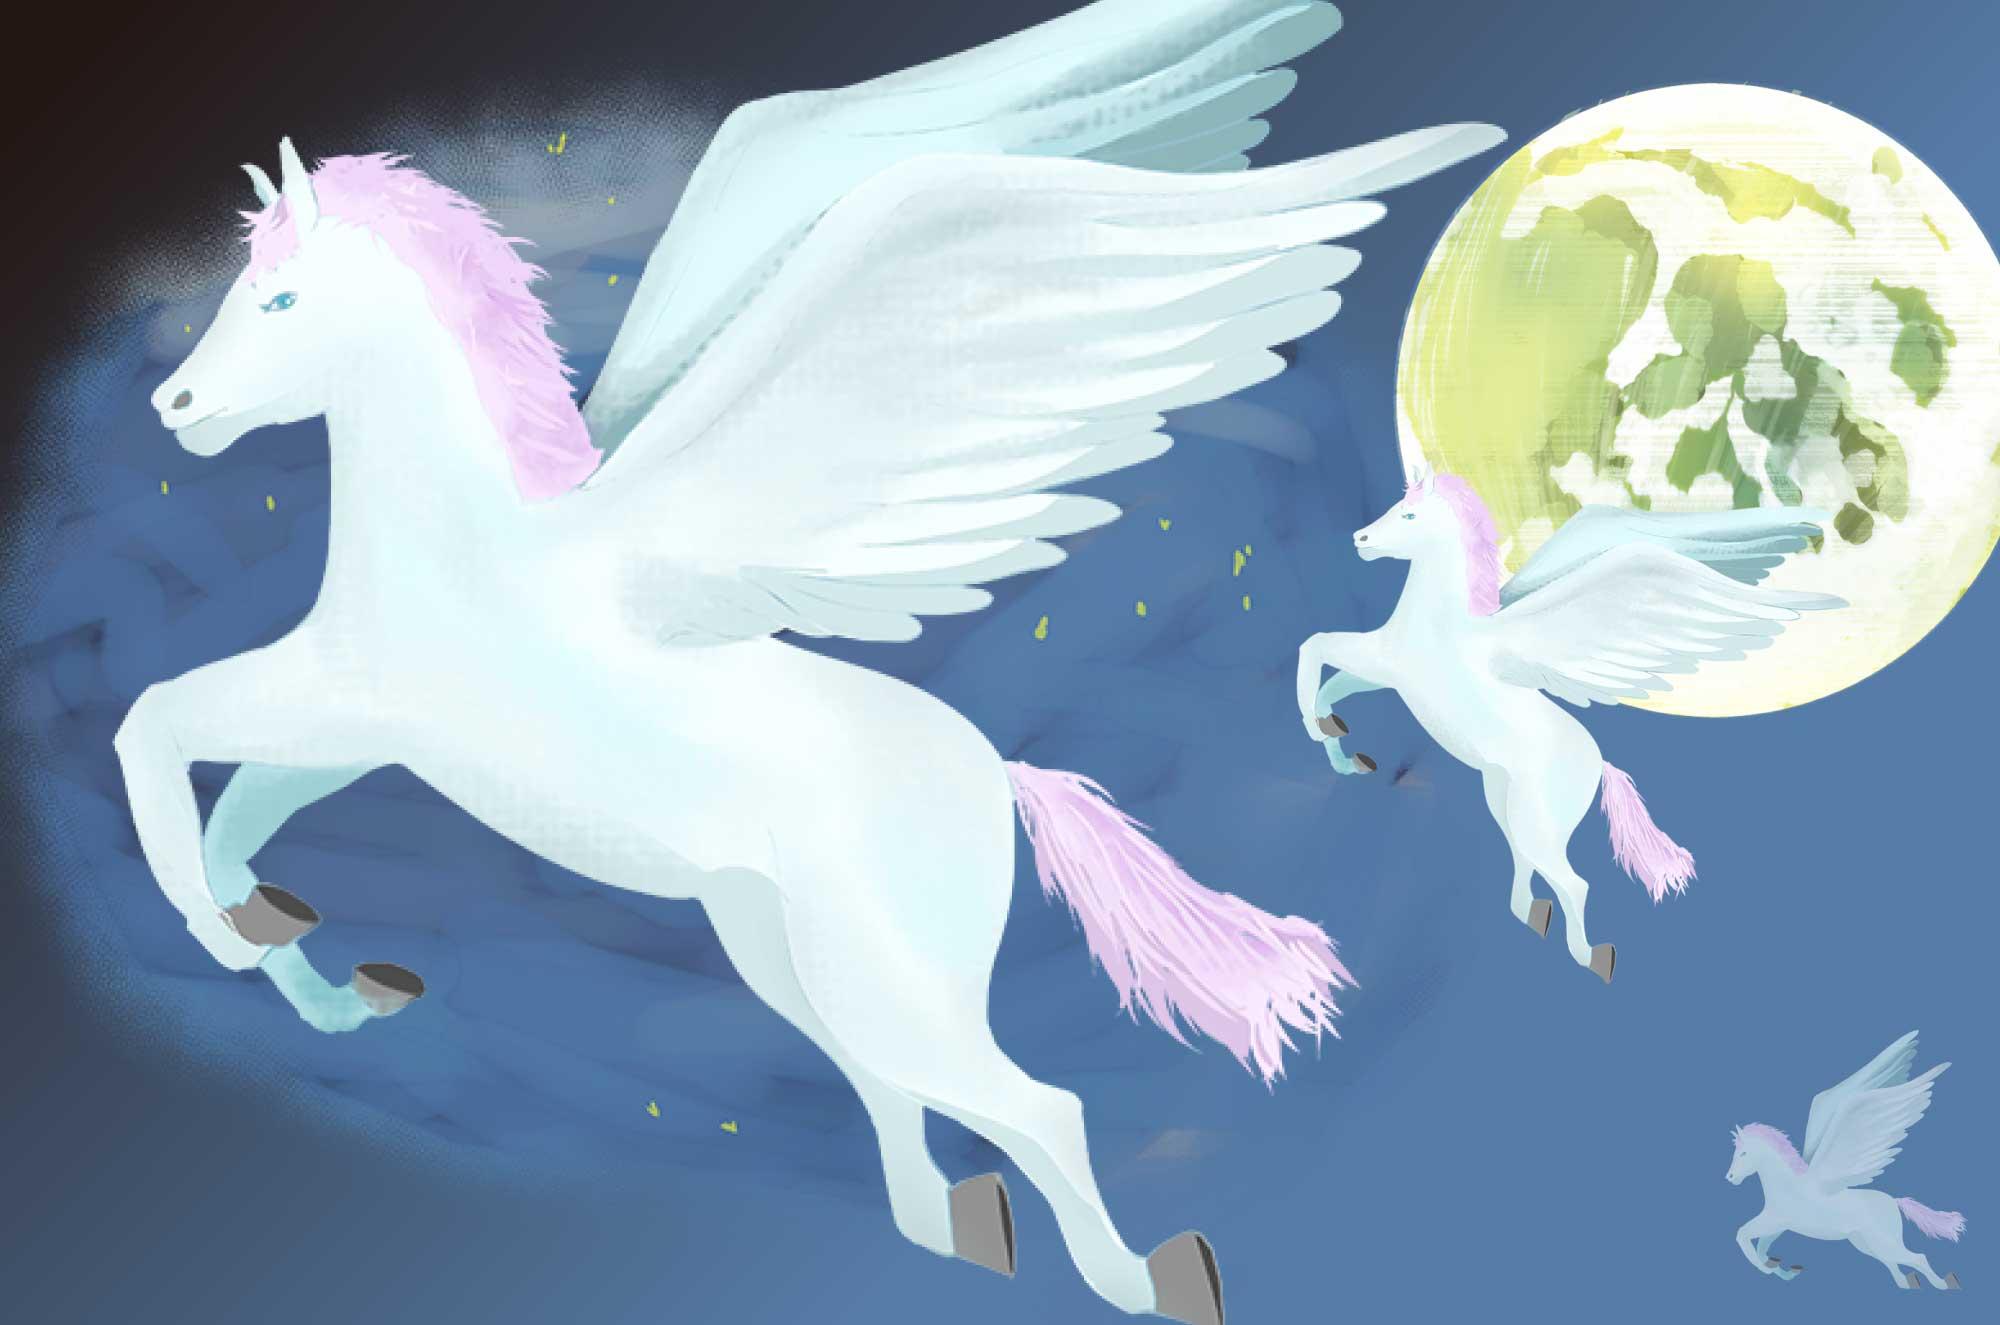 ペガサスのイラスト - 翼の生えた飛ぶ馬・想像の生物